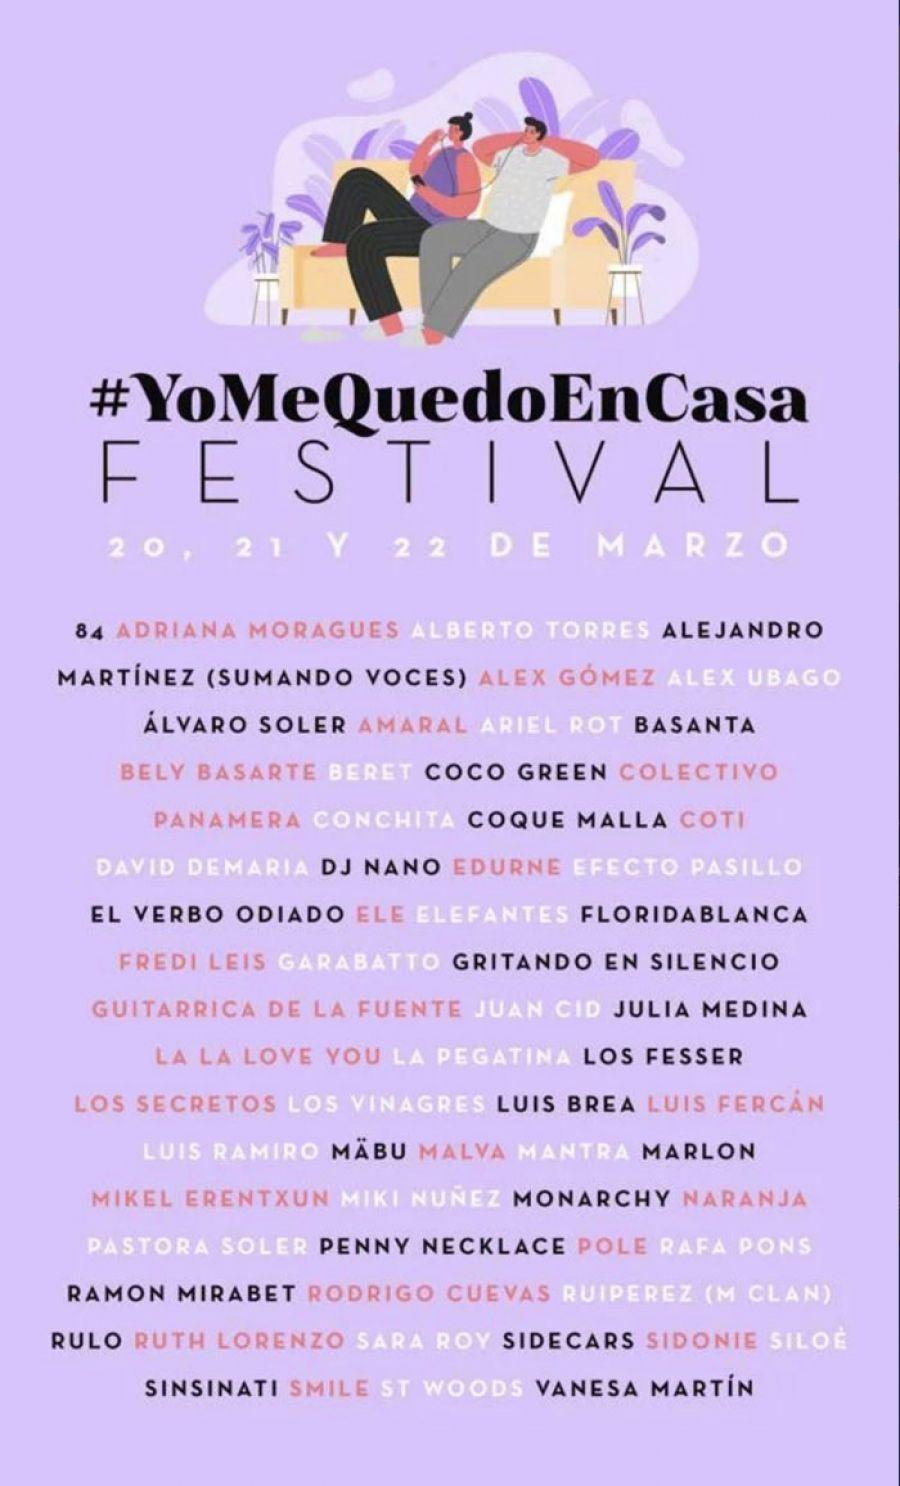 YoMeQuedoEnCasa FESTIVAL   20, 21 y 22 de Marzo